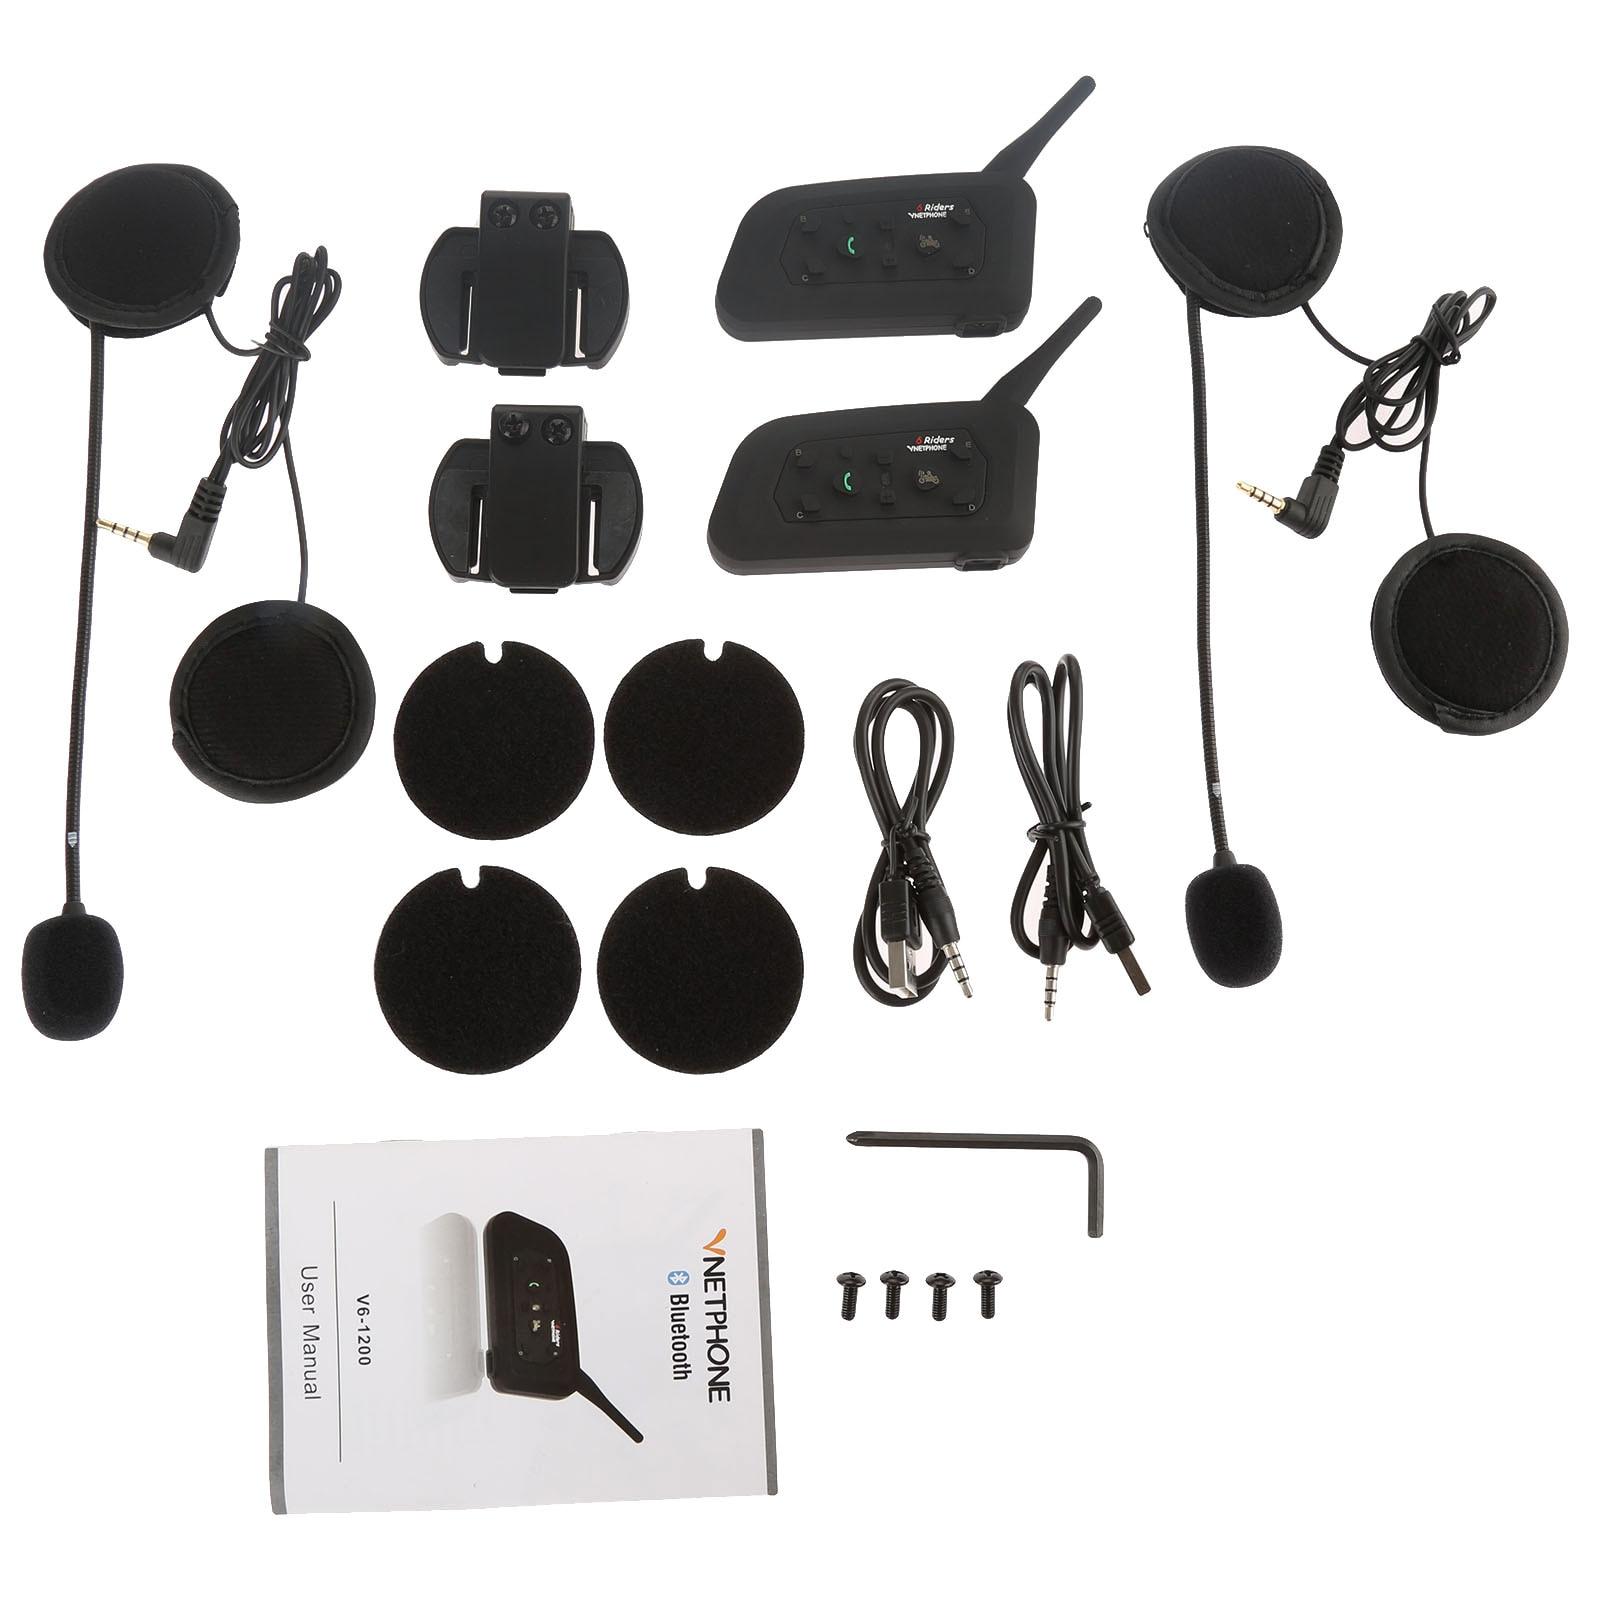 2 Pc V6 1200 m BT Multi Interphone Bluetooth casque de Moto Interphone casque pour 6 coureurs Moto Intercomunicador casque V6-1200